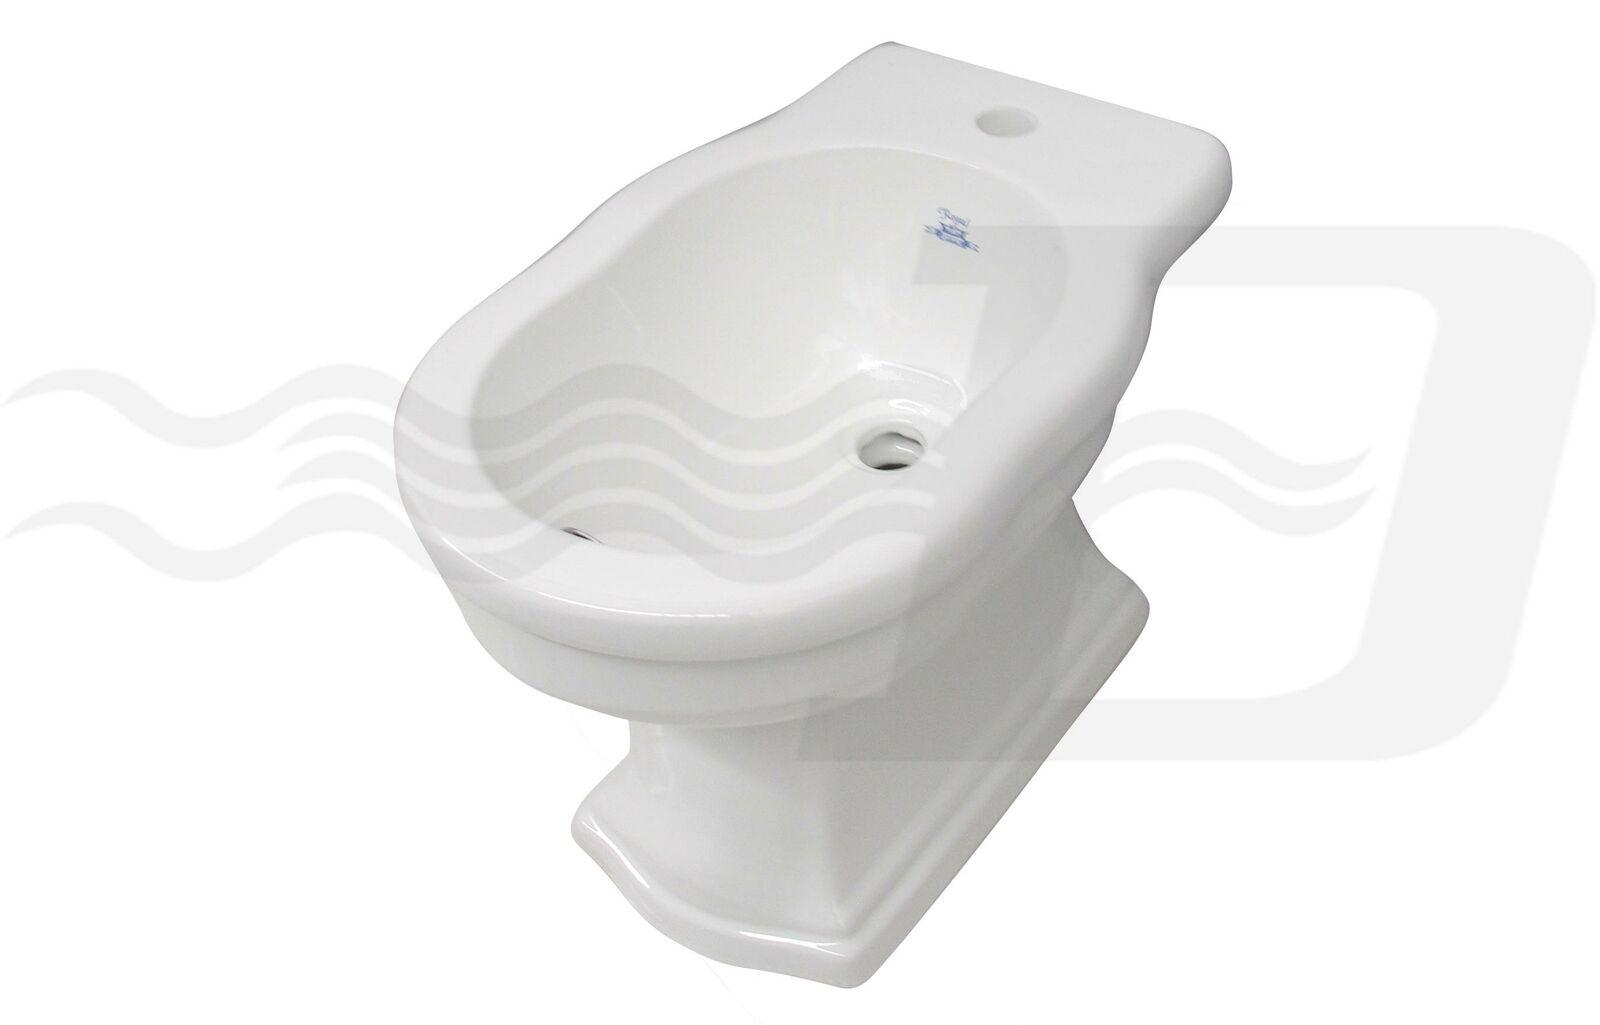 Althea bidet Royal erogazione rubinetto porcellana bianco pavimento